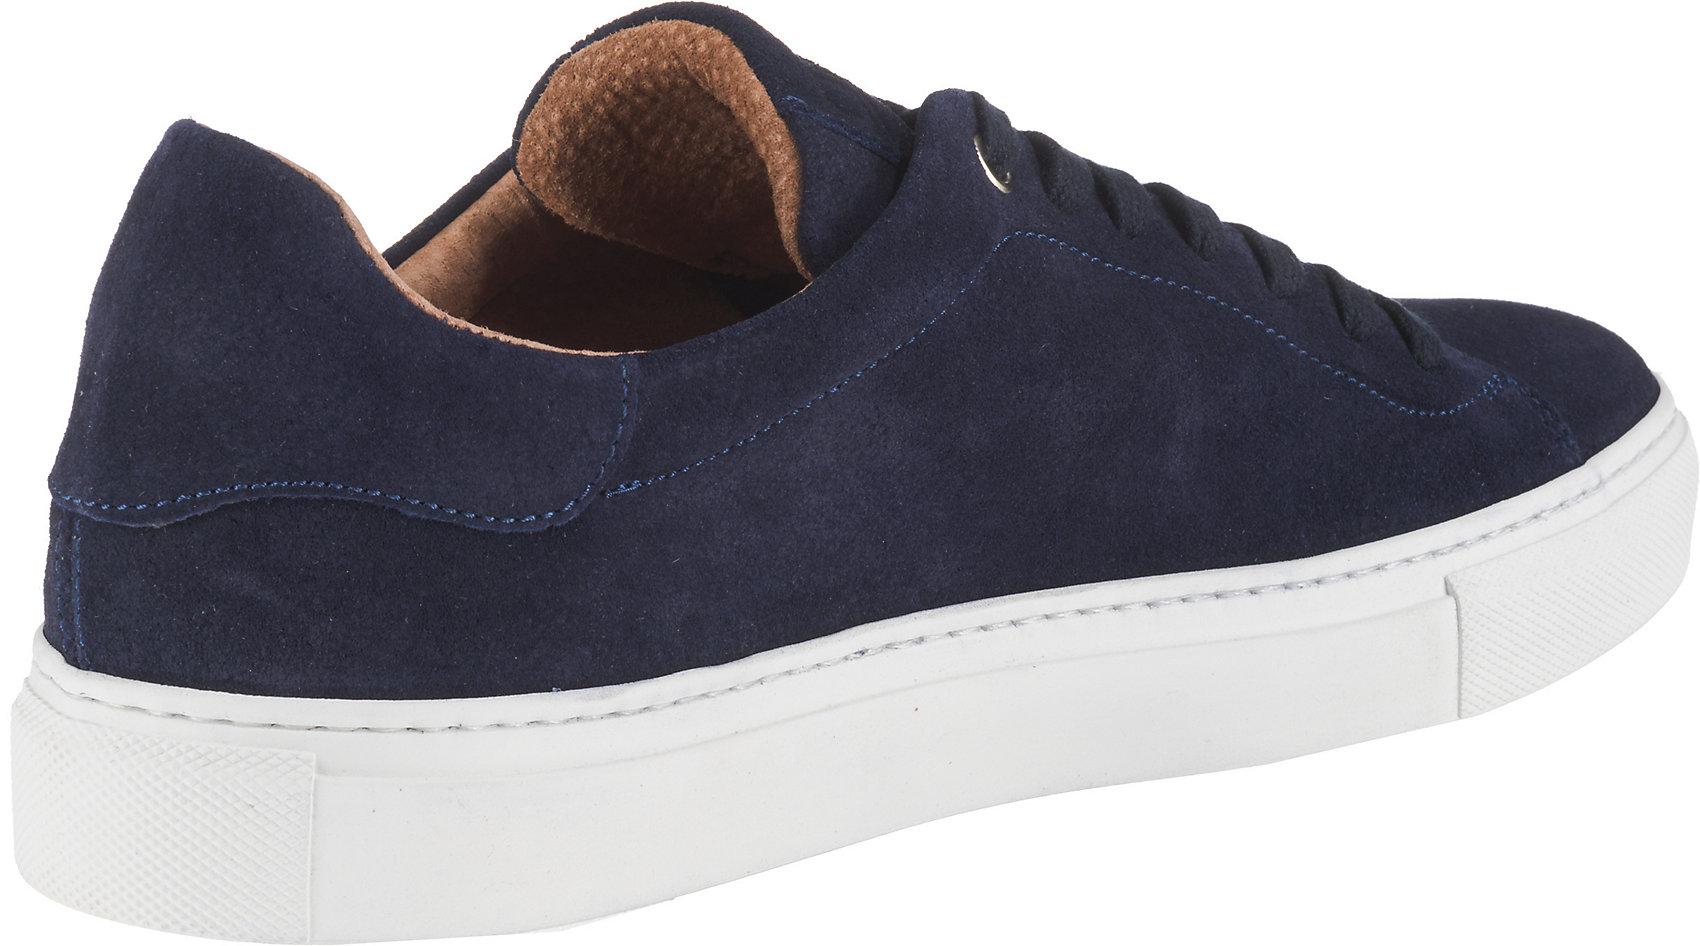 Details zu Neu CINQUE 51011 Sneakers Low 10536330 für Herren dunkelblau beige